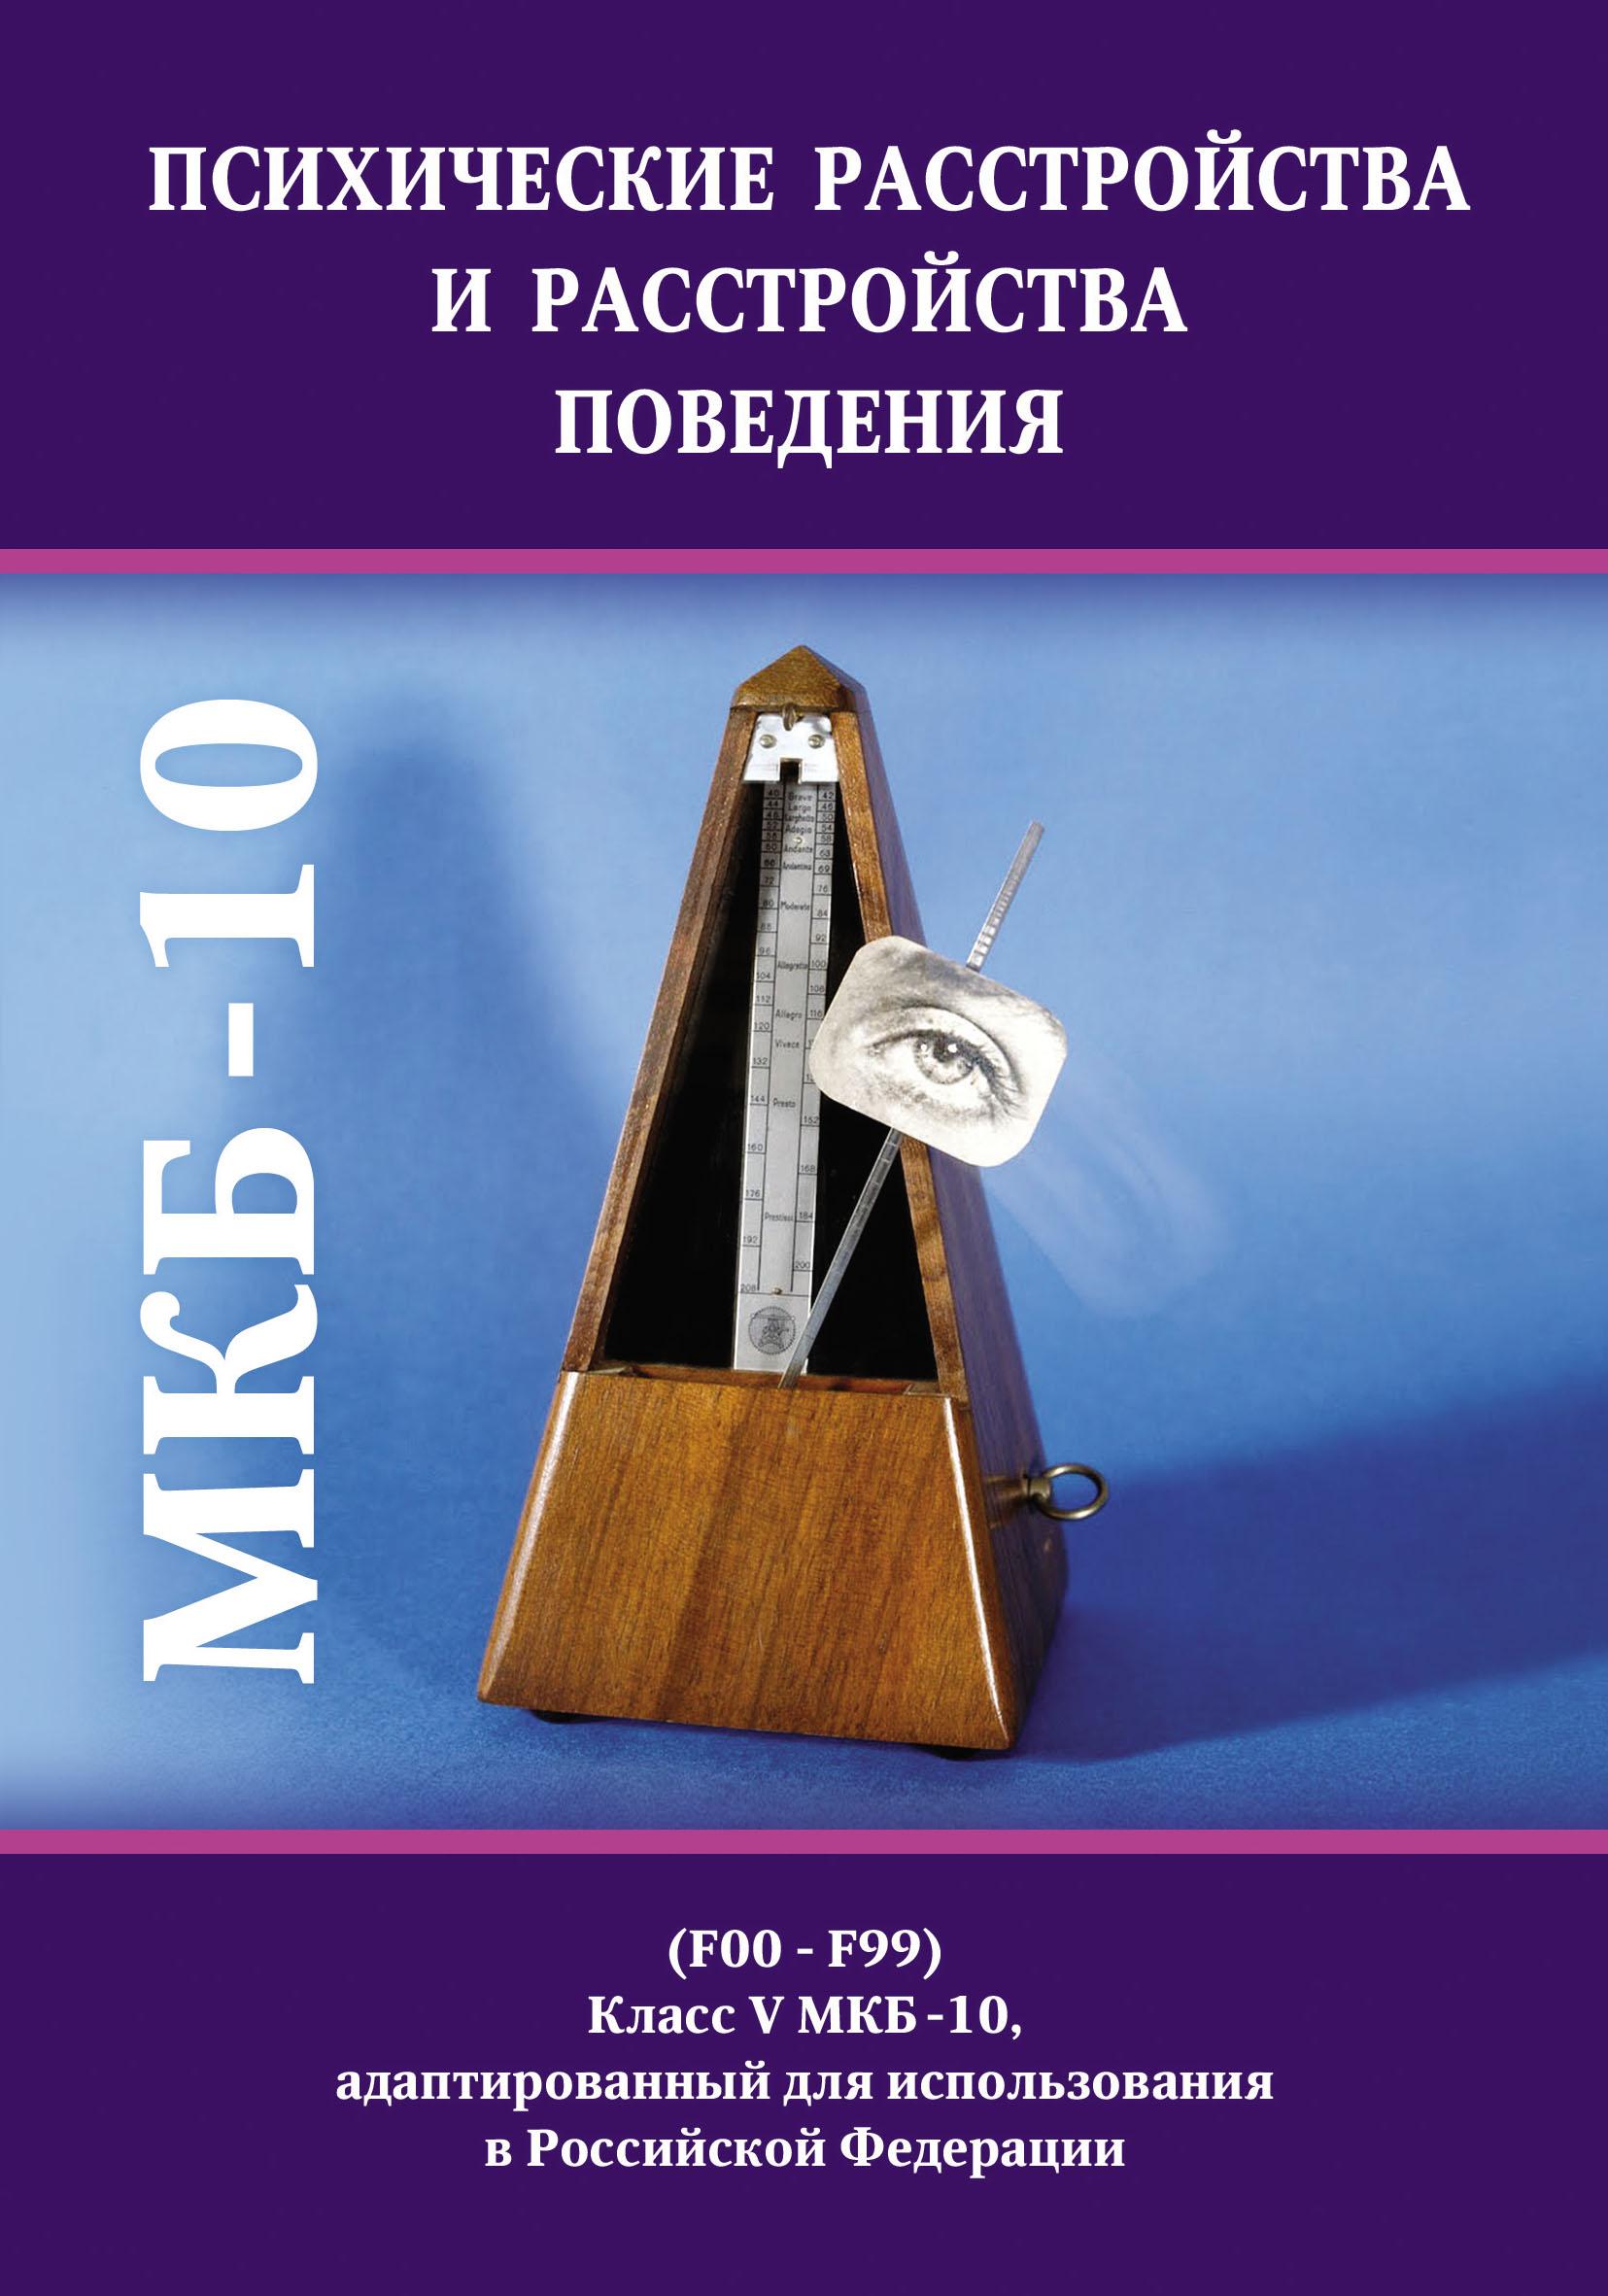 Психические расстройства и расстройства поведения (F00-F99) (Класс V МКБ-10, адаптированный для использования в РФ)